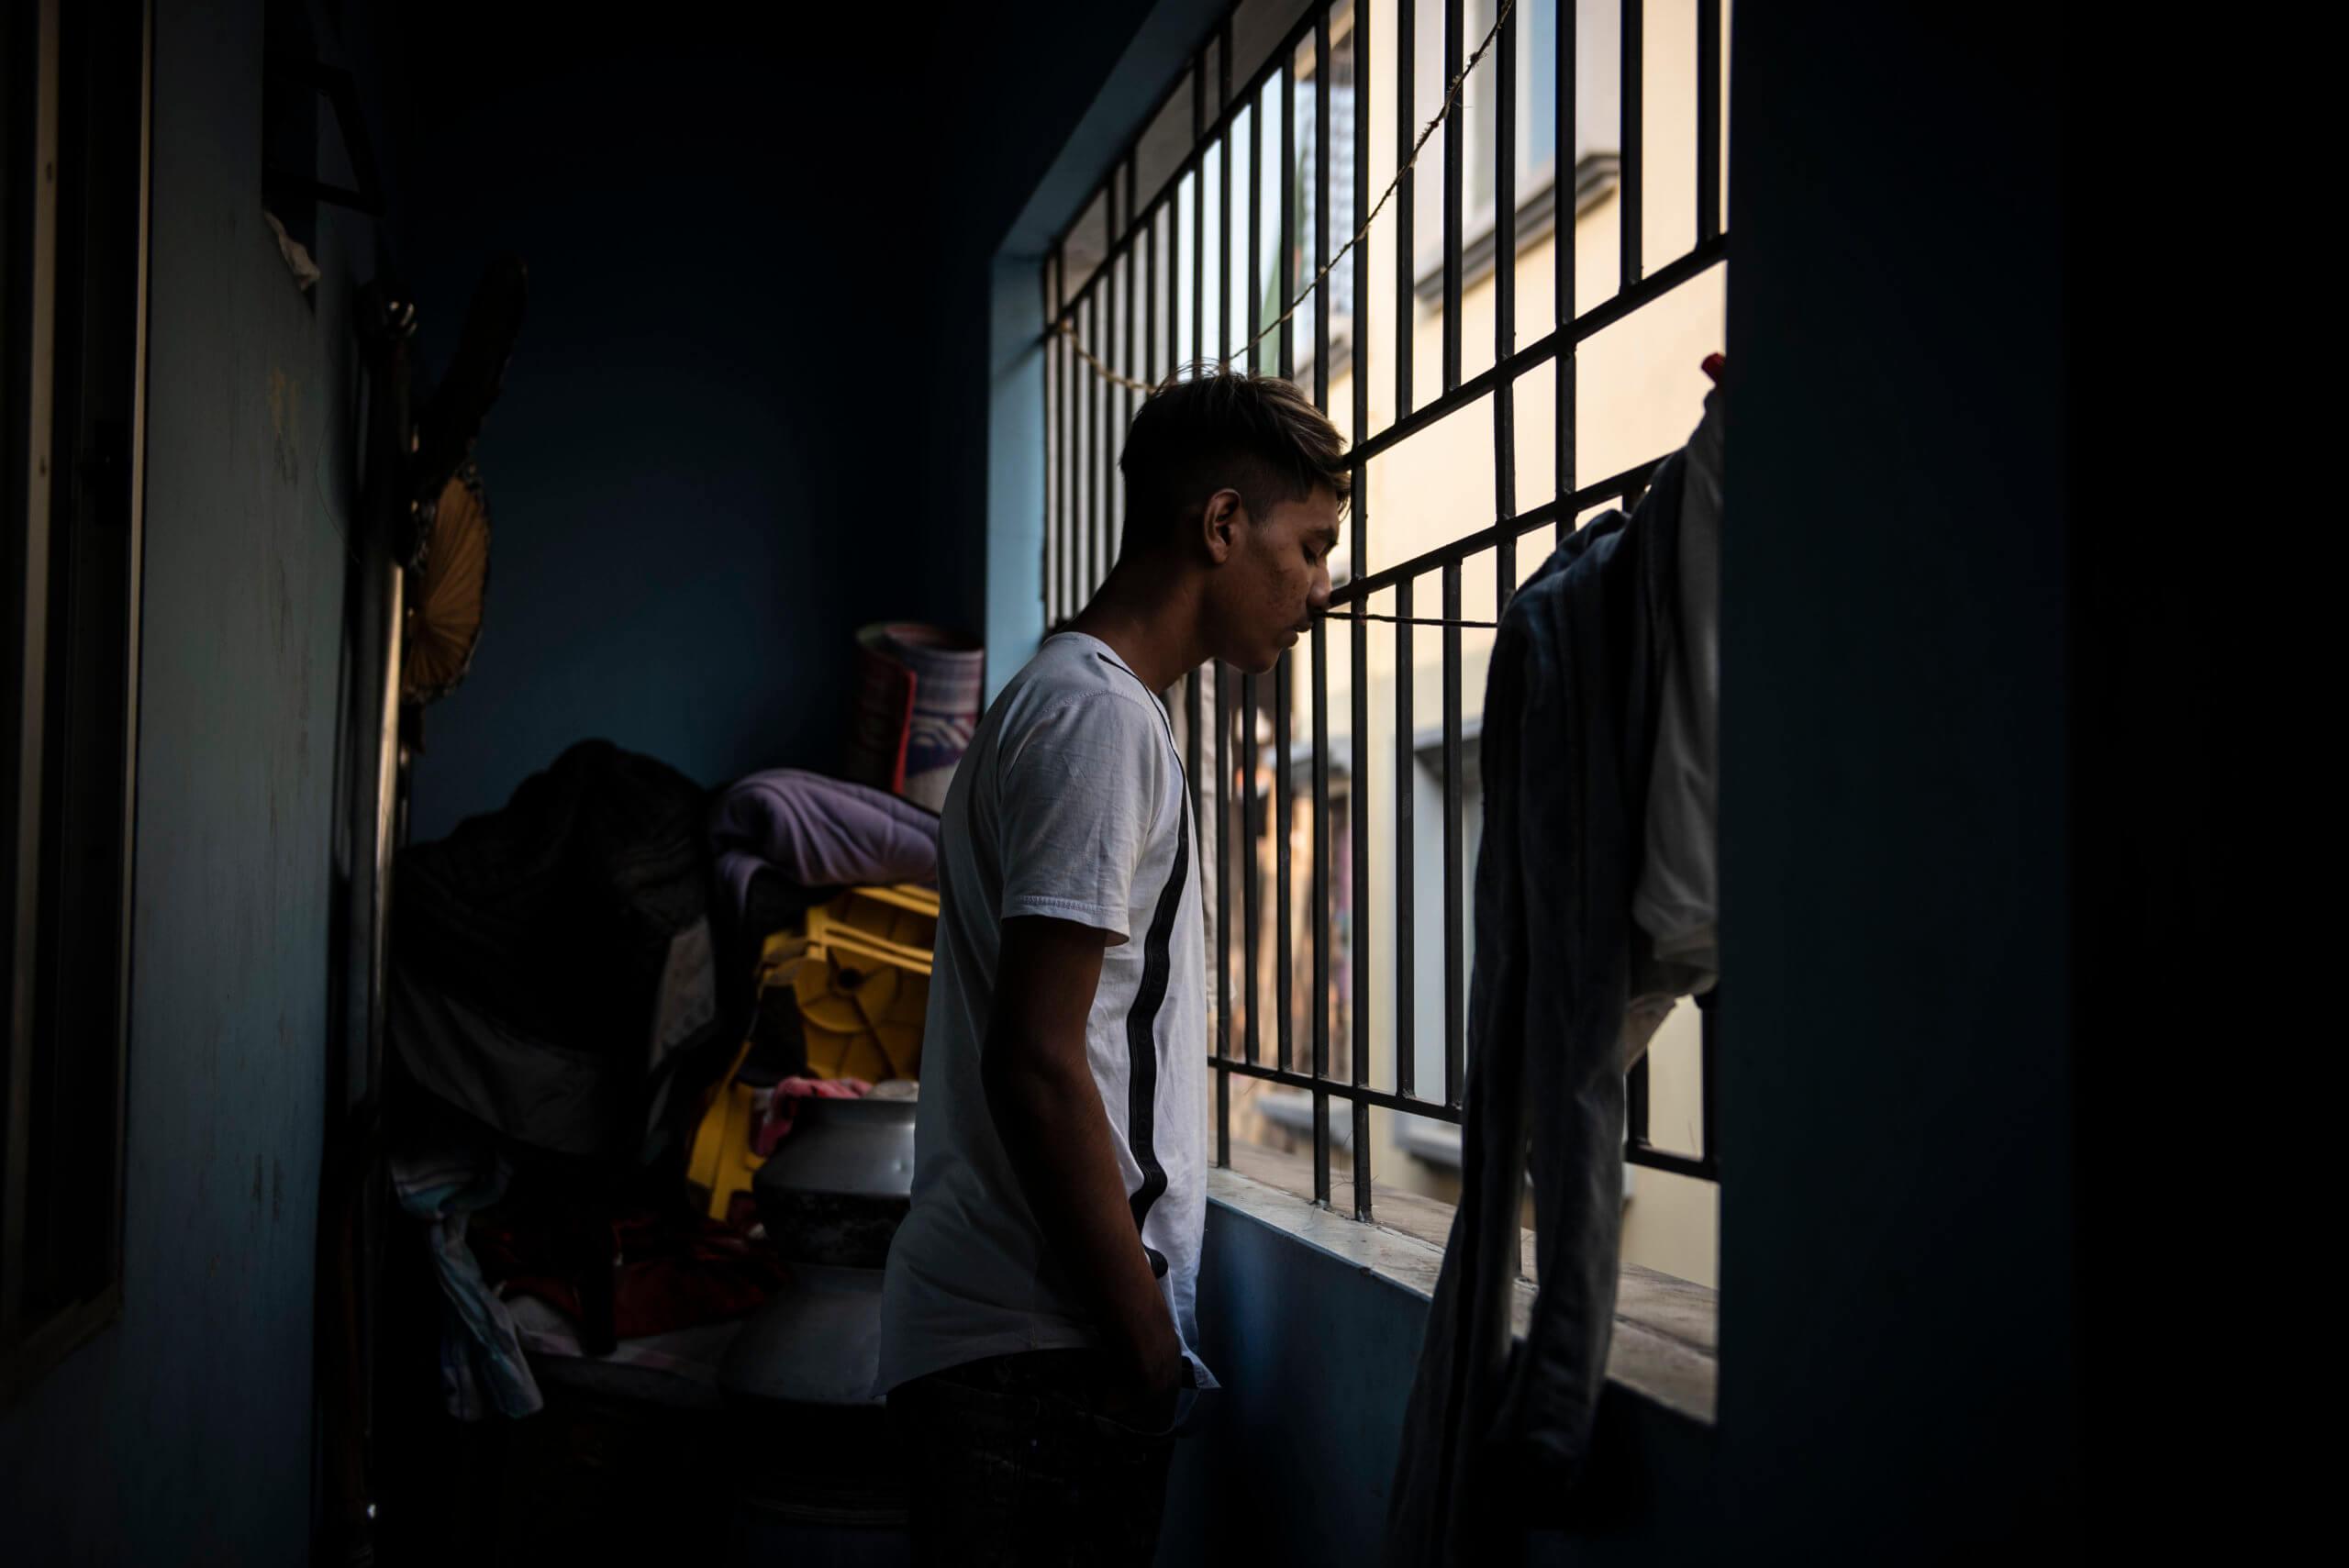 Md Sohel Sheik, 14, kollar ut genom gallret på den balkong han sover på tillsammans med sin äldre bror. Rummet deras familj delar är för litet för att de ska få plats att sova inomhus.